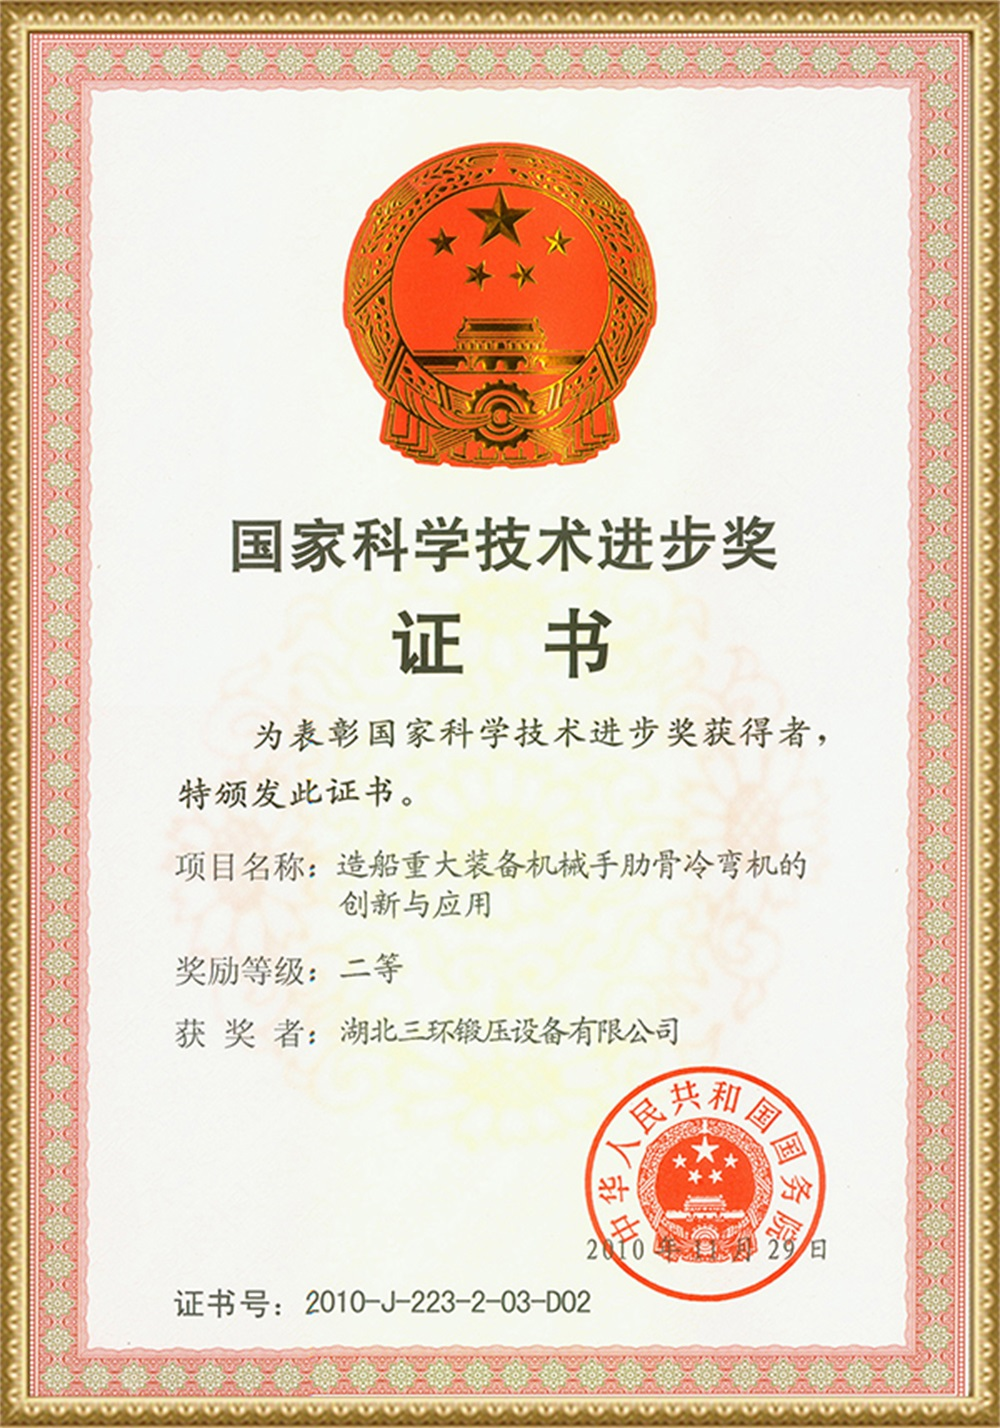 2010國家科學技術進步獎